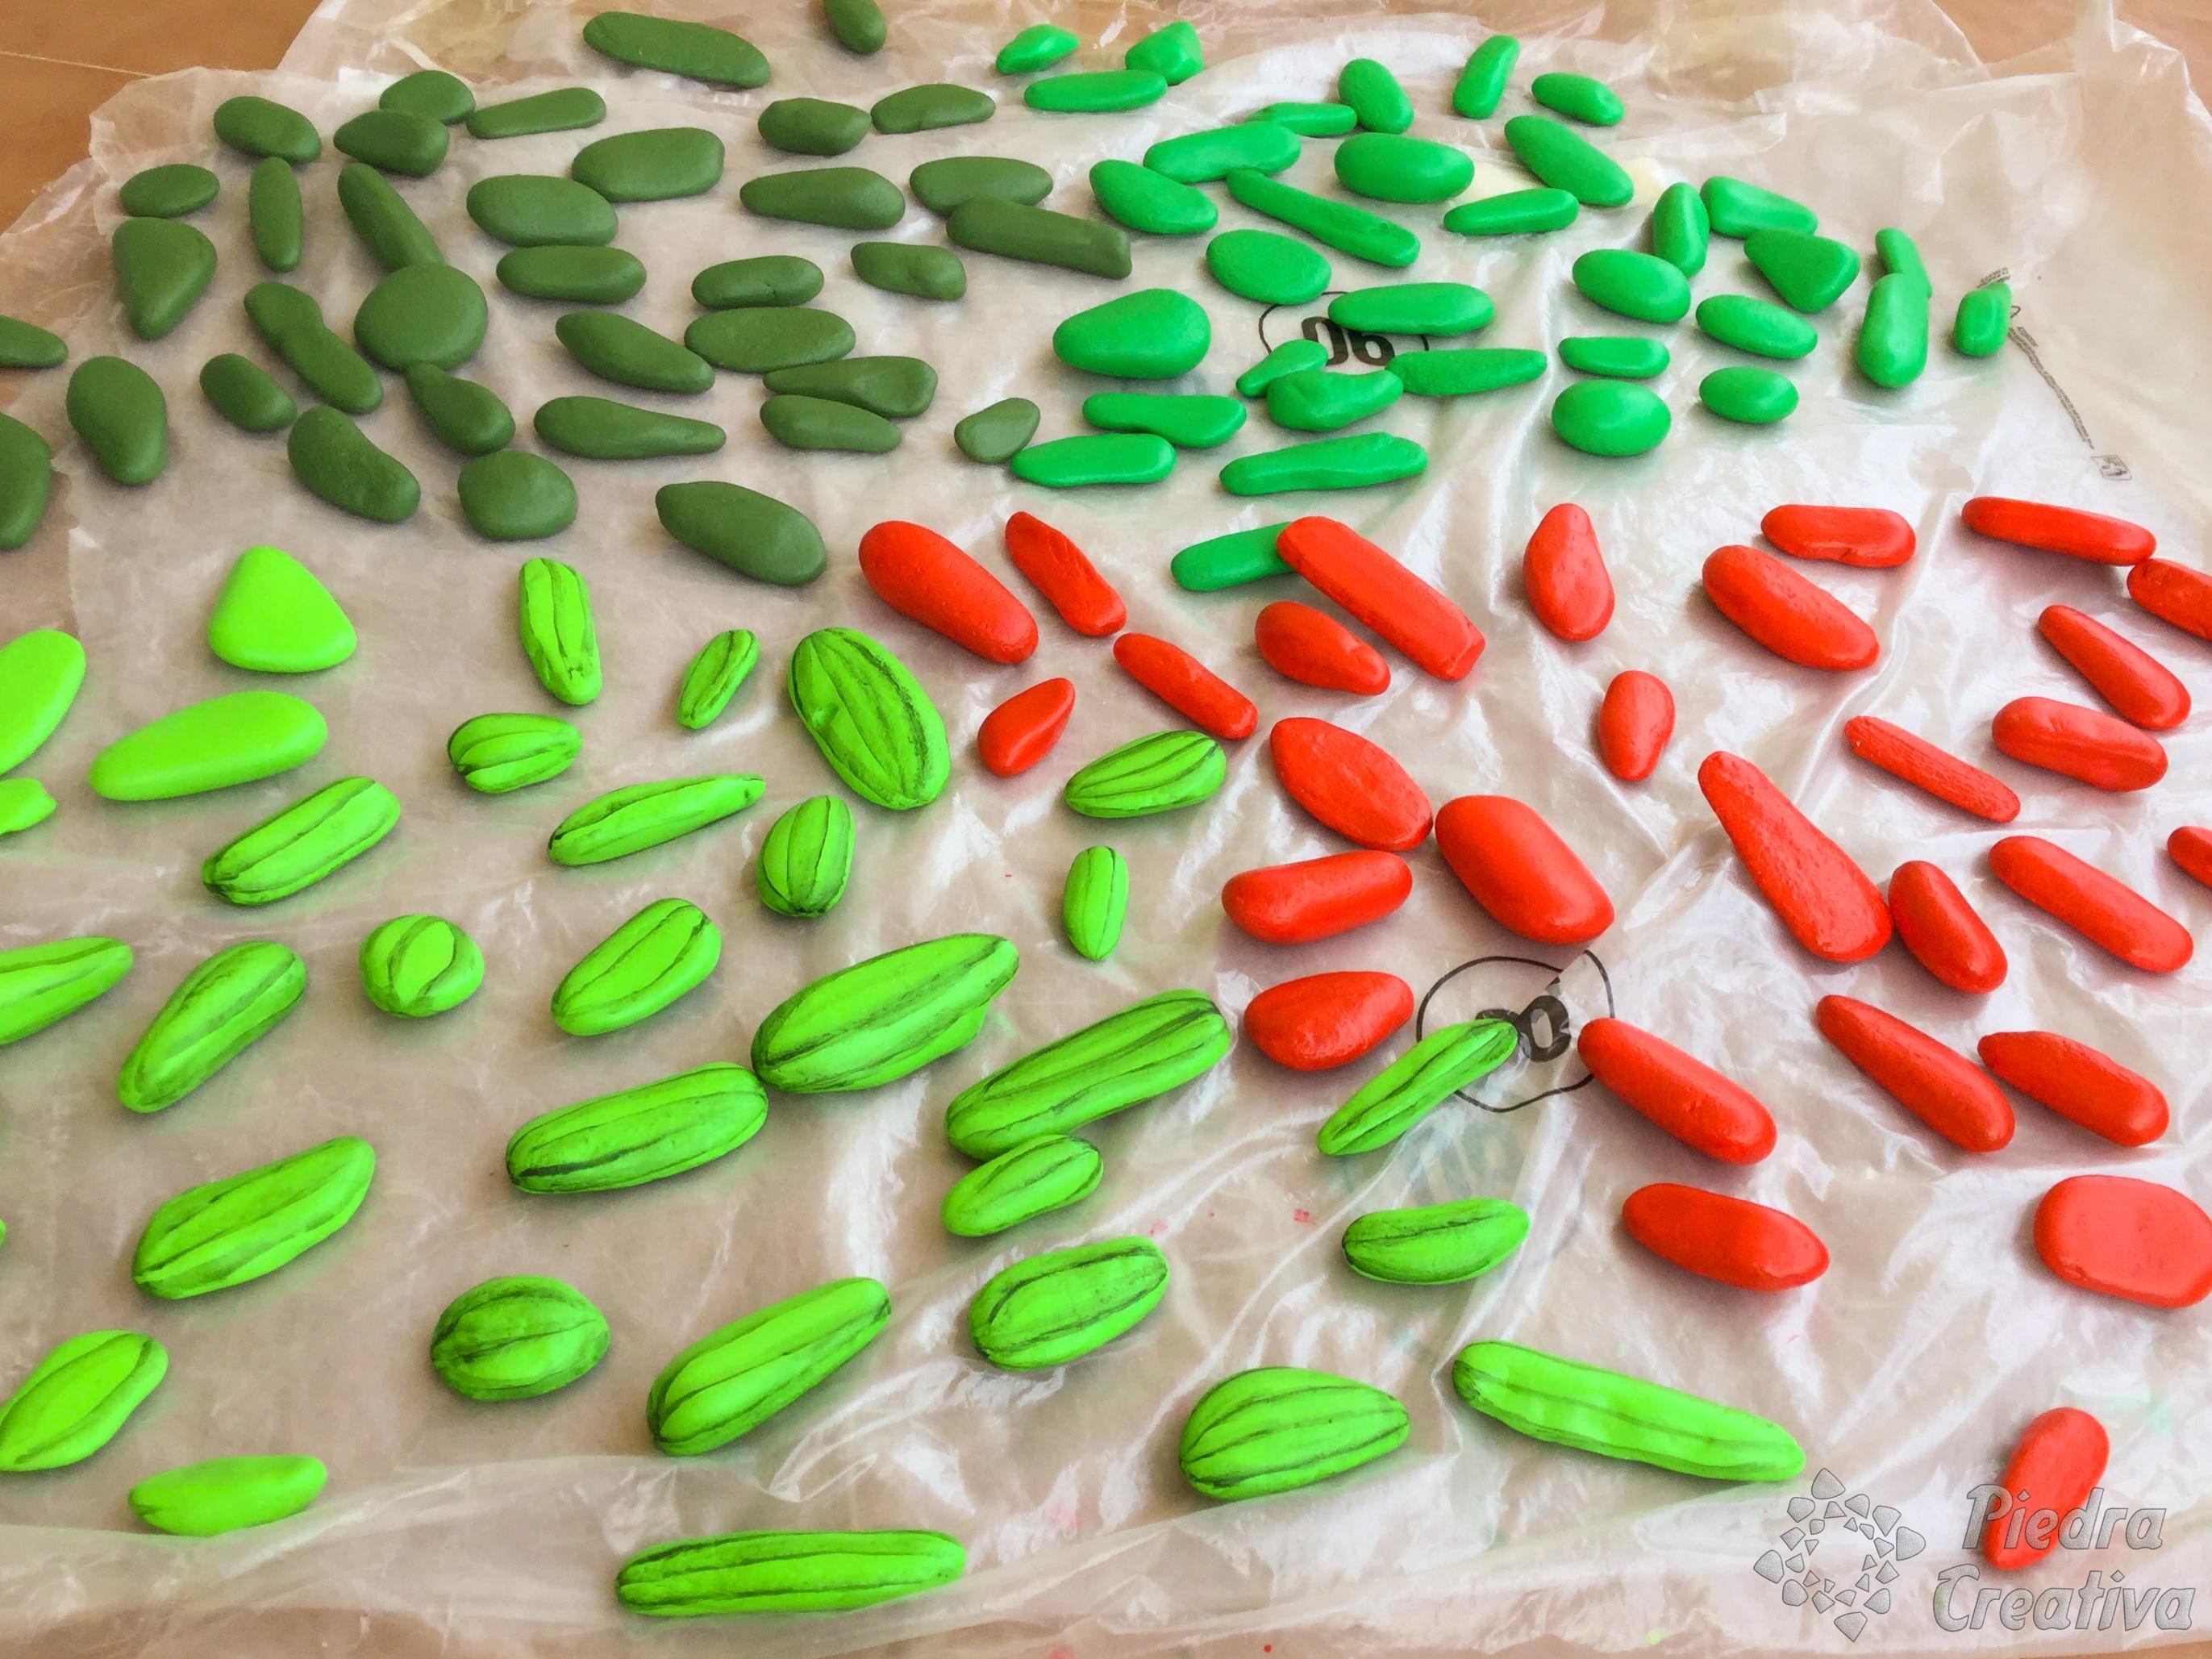 Cómo hacer cactus con piedras • DIY y manualidades en PiedraCreativa